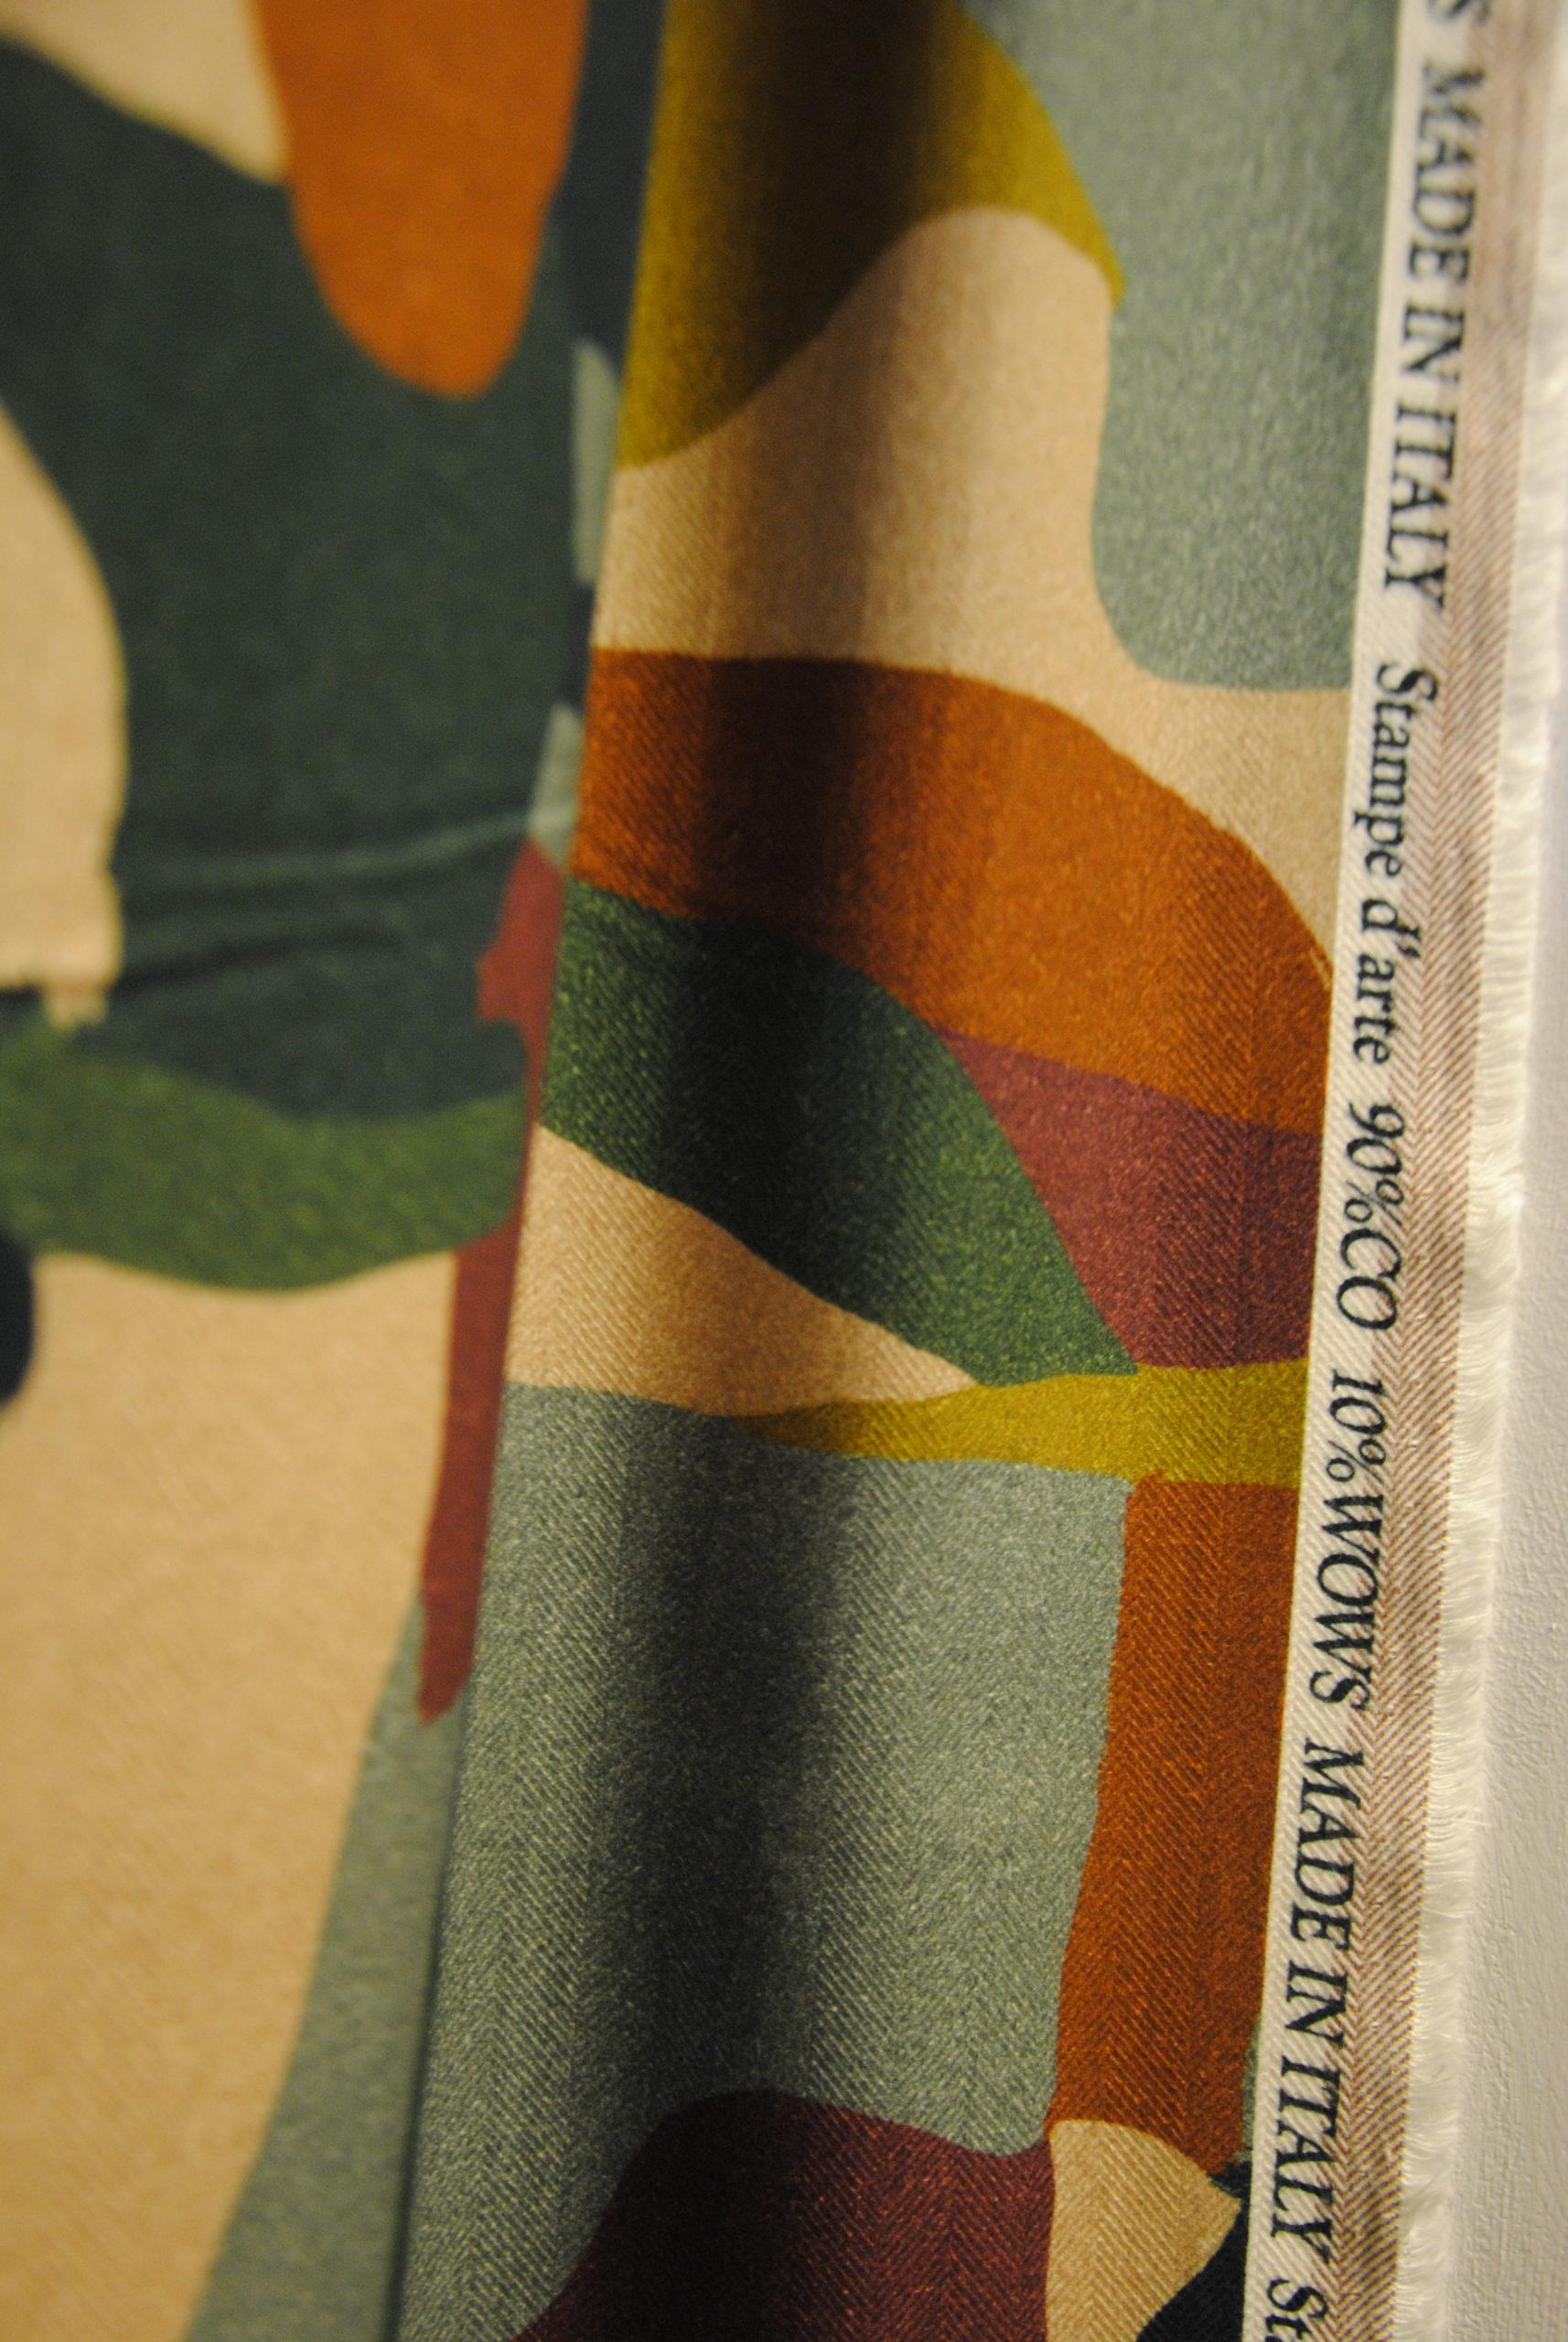 DSC 1175 2 scaled Clapton   cotone e cachemire TAGLIO 2,20